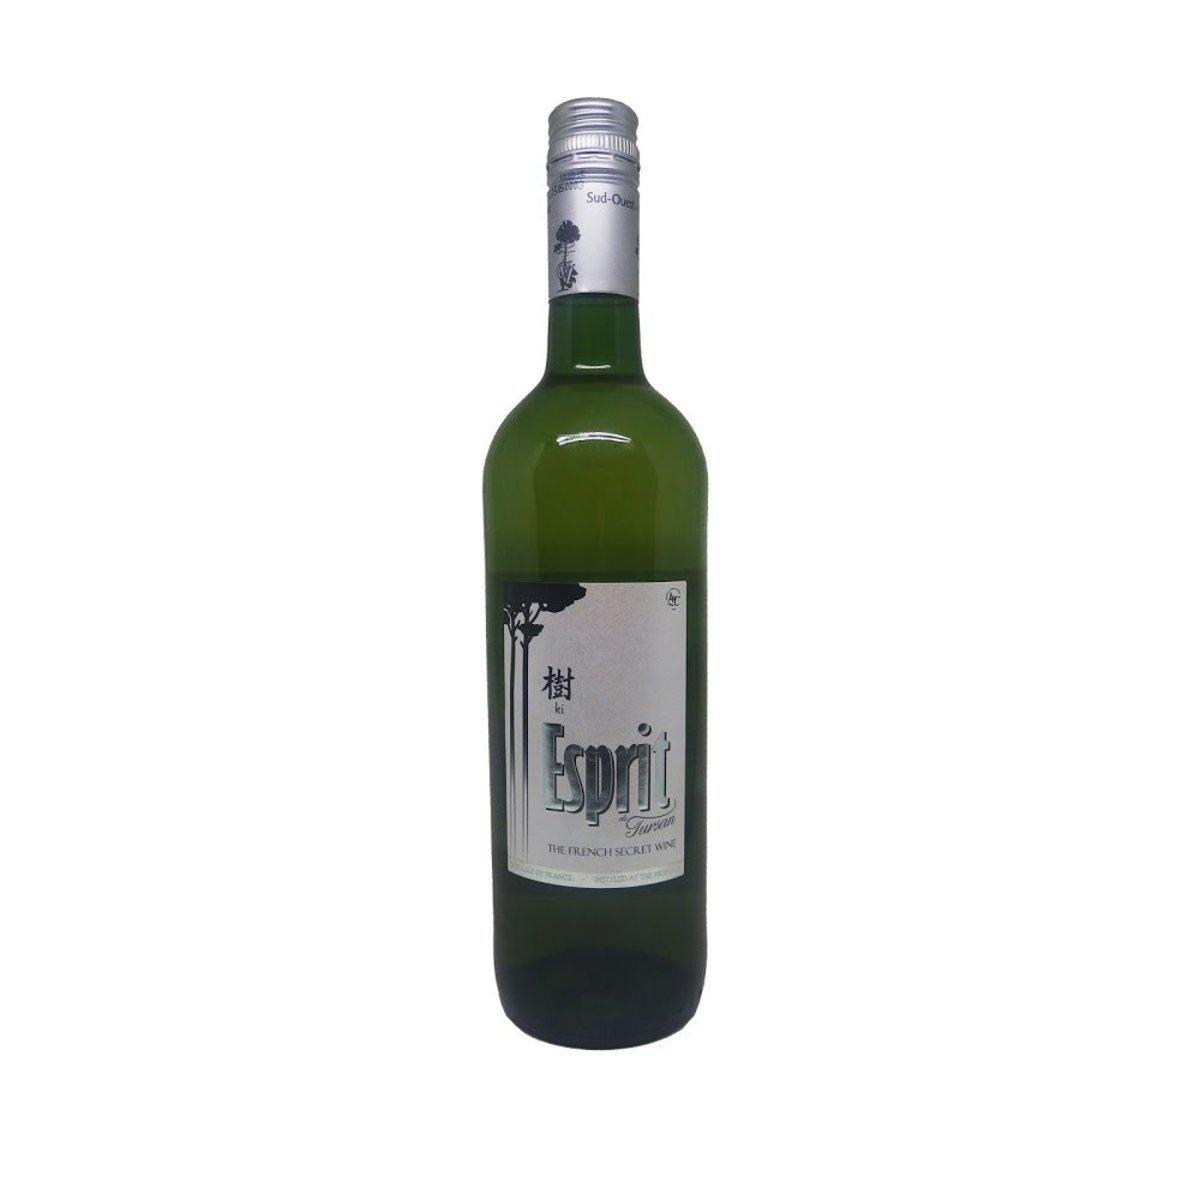 Tursan 圖爾桑 艾思柏特 Ki(樹)白葡萄酒/白酒, 750ml